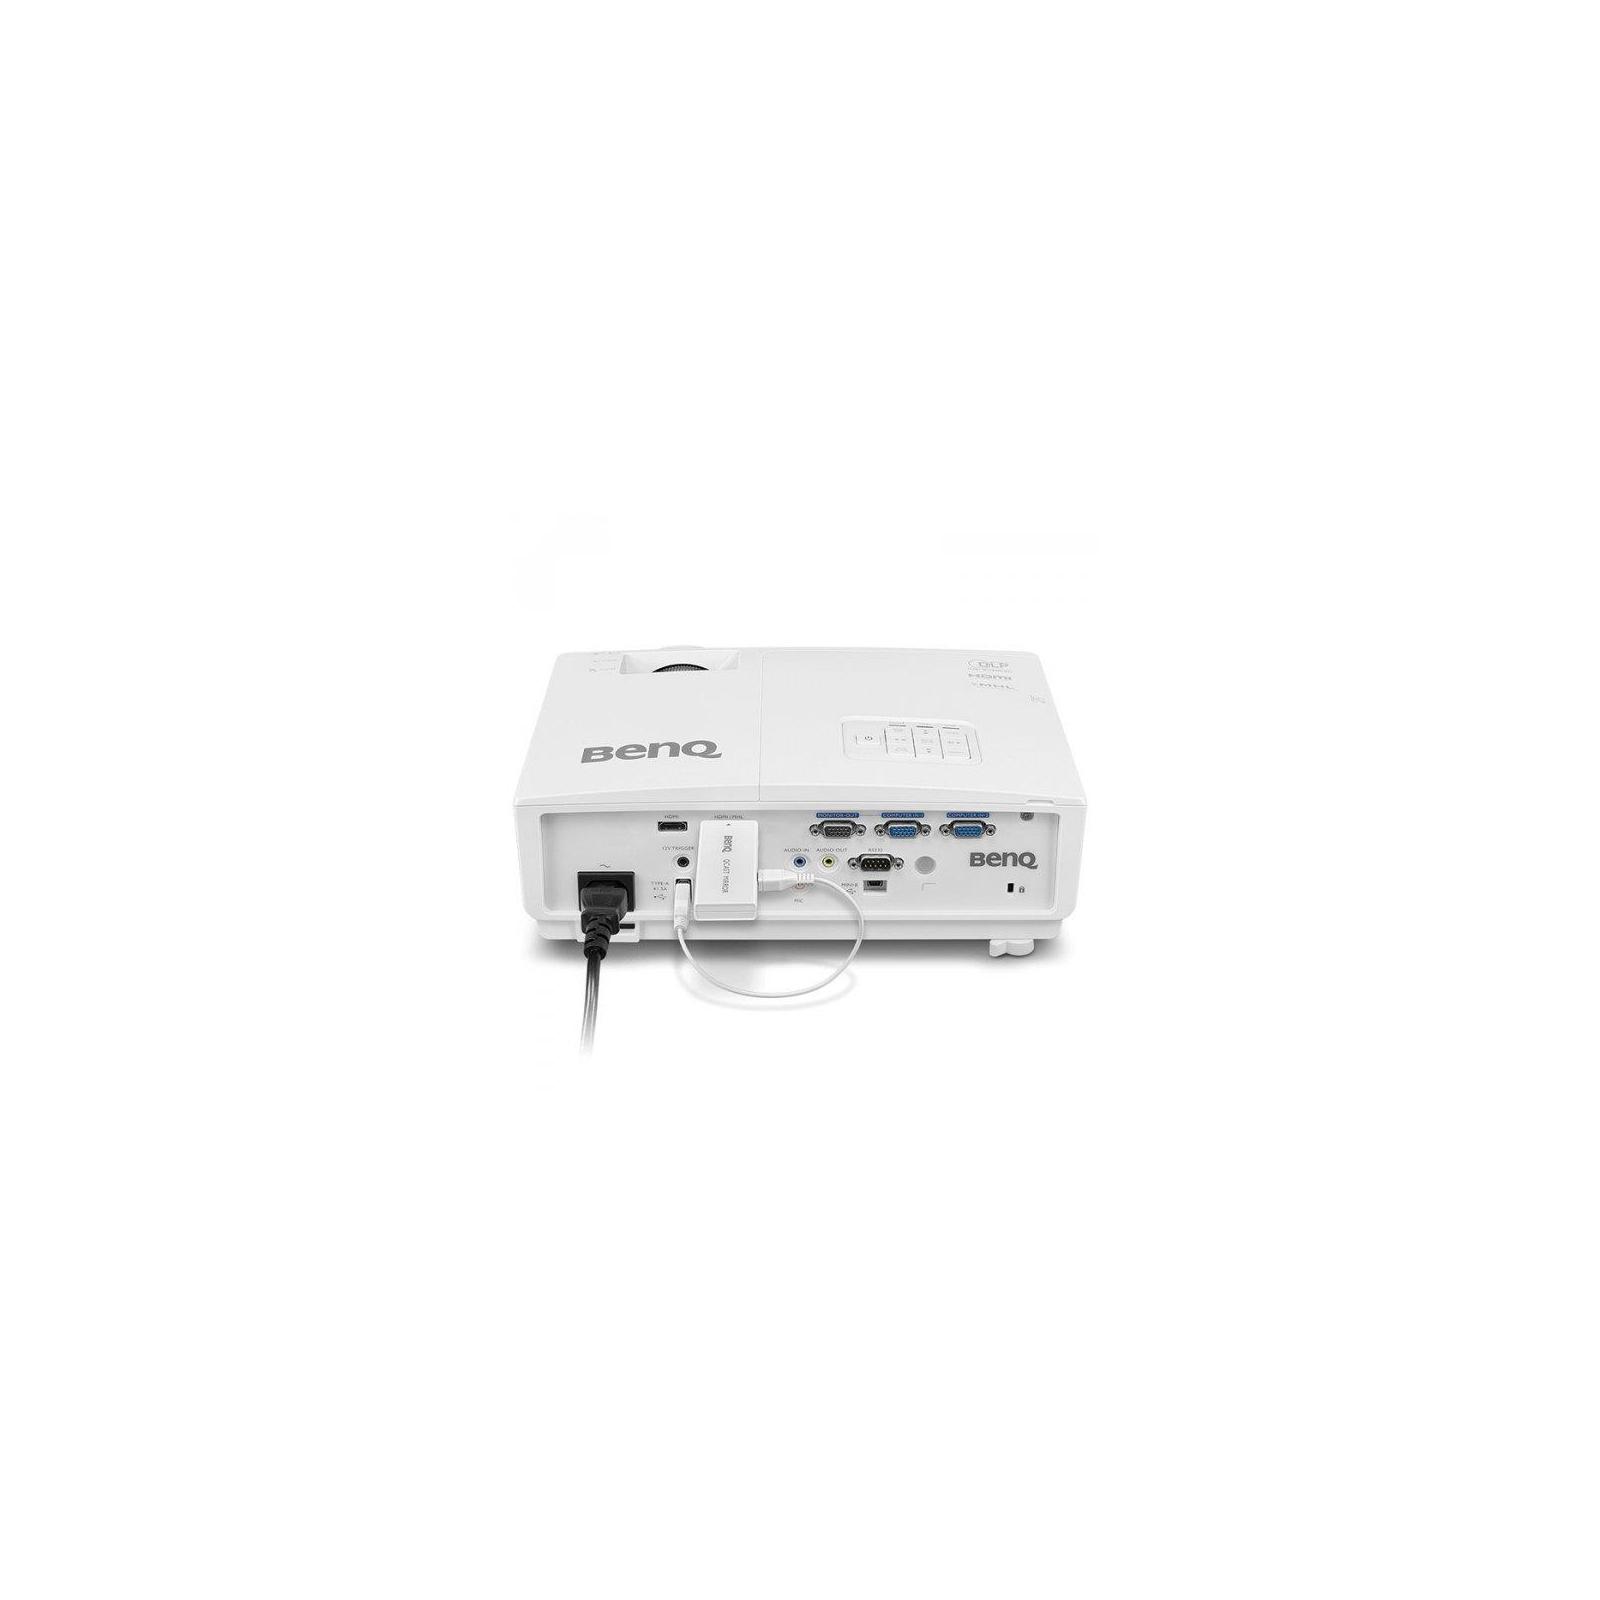 Беспроводной адаптер BenQ QCAST(QP20) (5A.JH328.10E) изображение 5